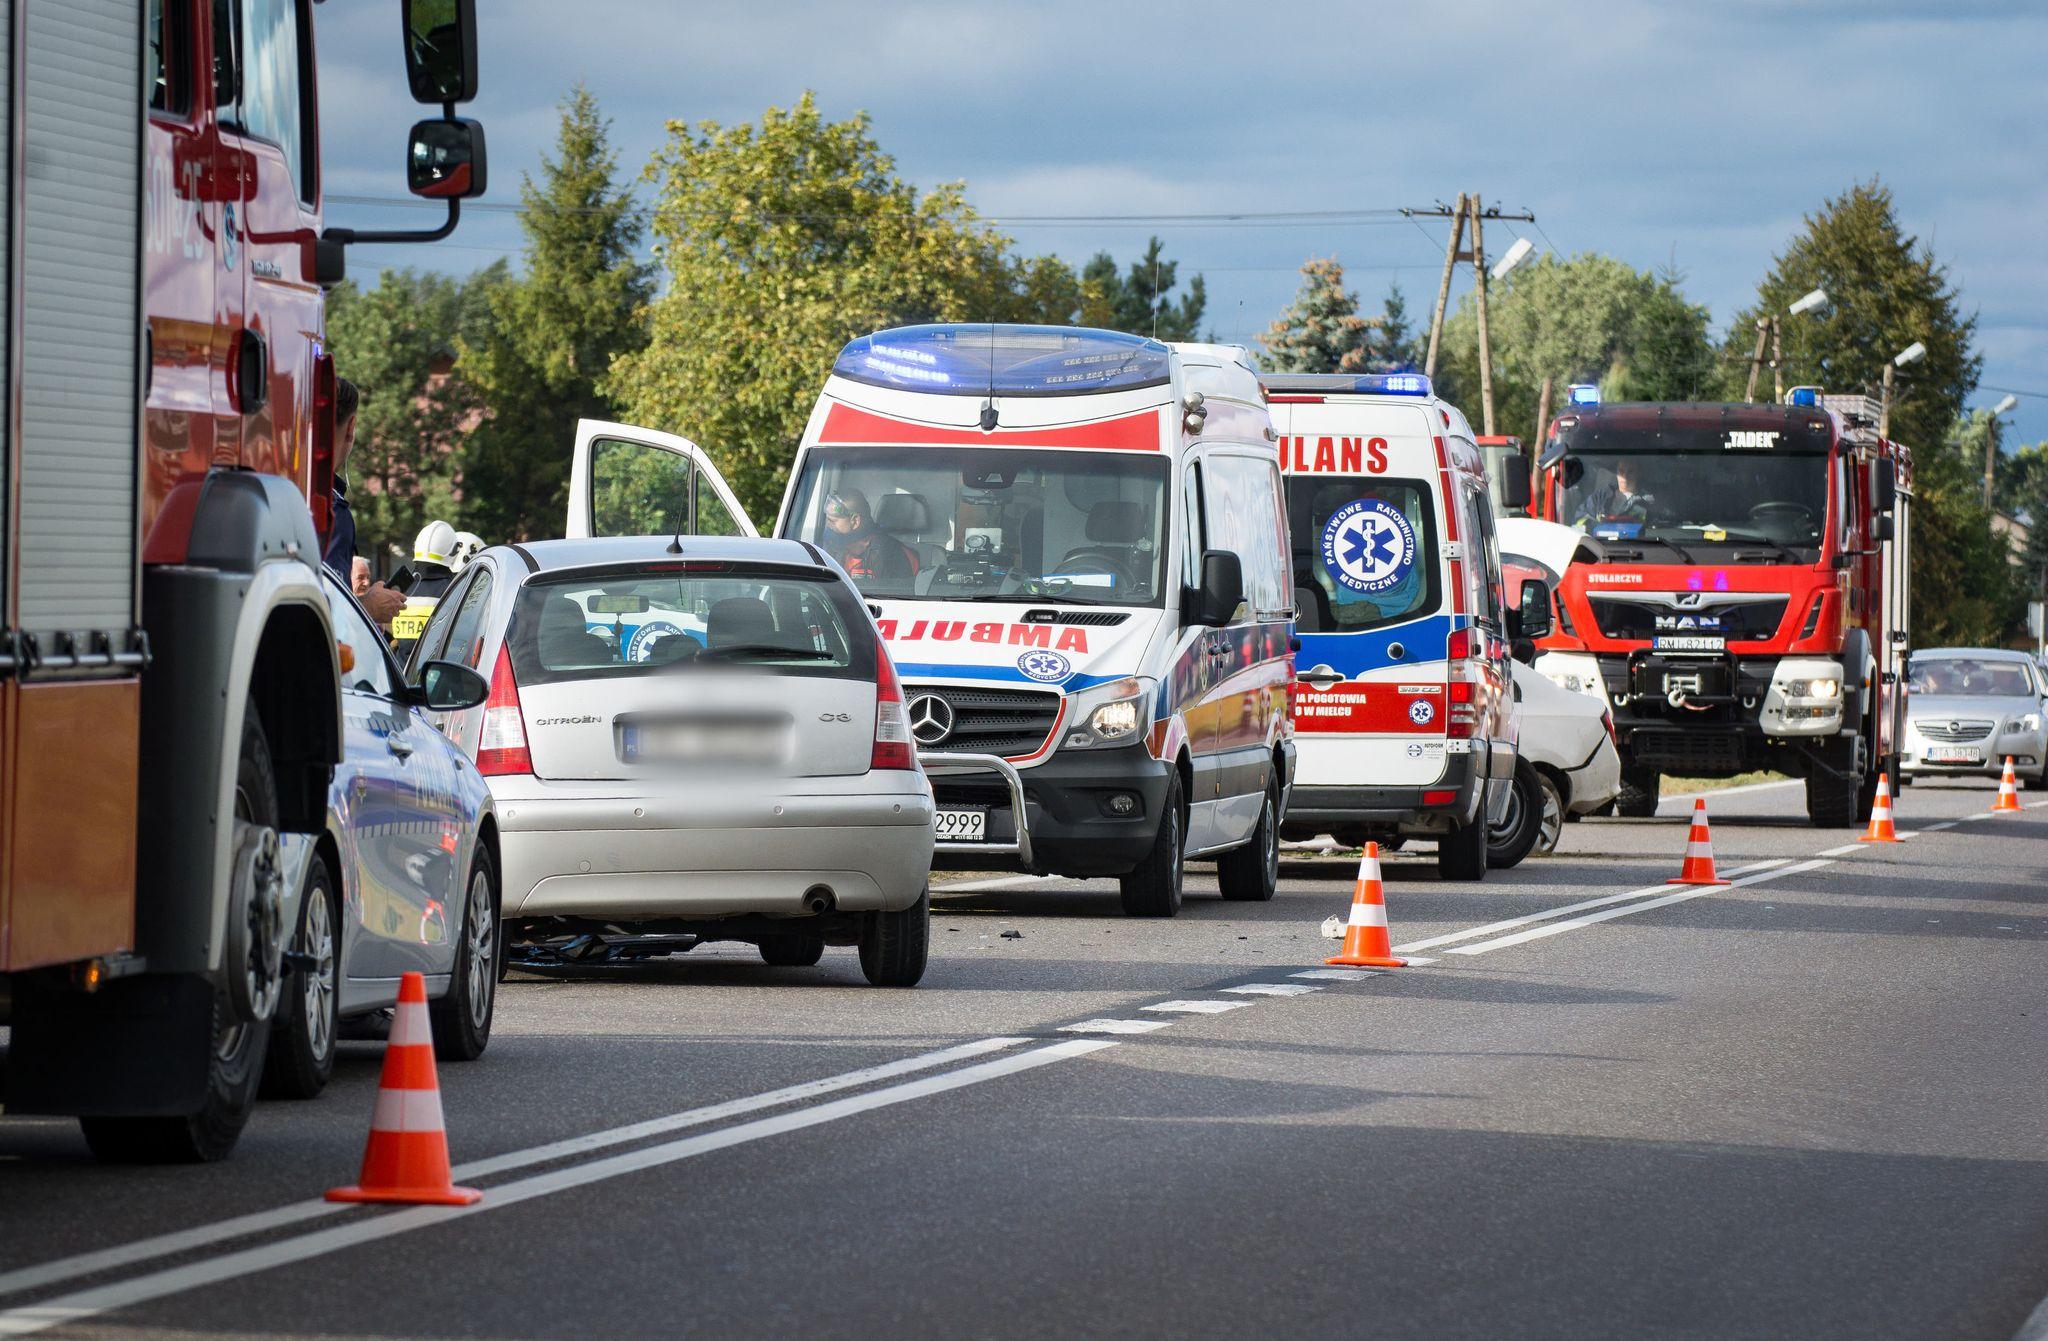 Wypadek w Padwi Narodowej. Dwie osoby trafiły do szpitala! [FOTO, VIDEO] - Zdjęcie główne